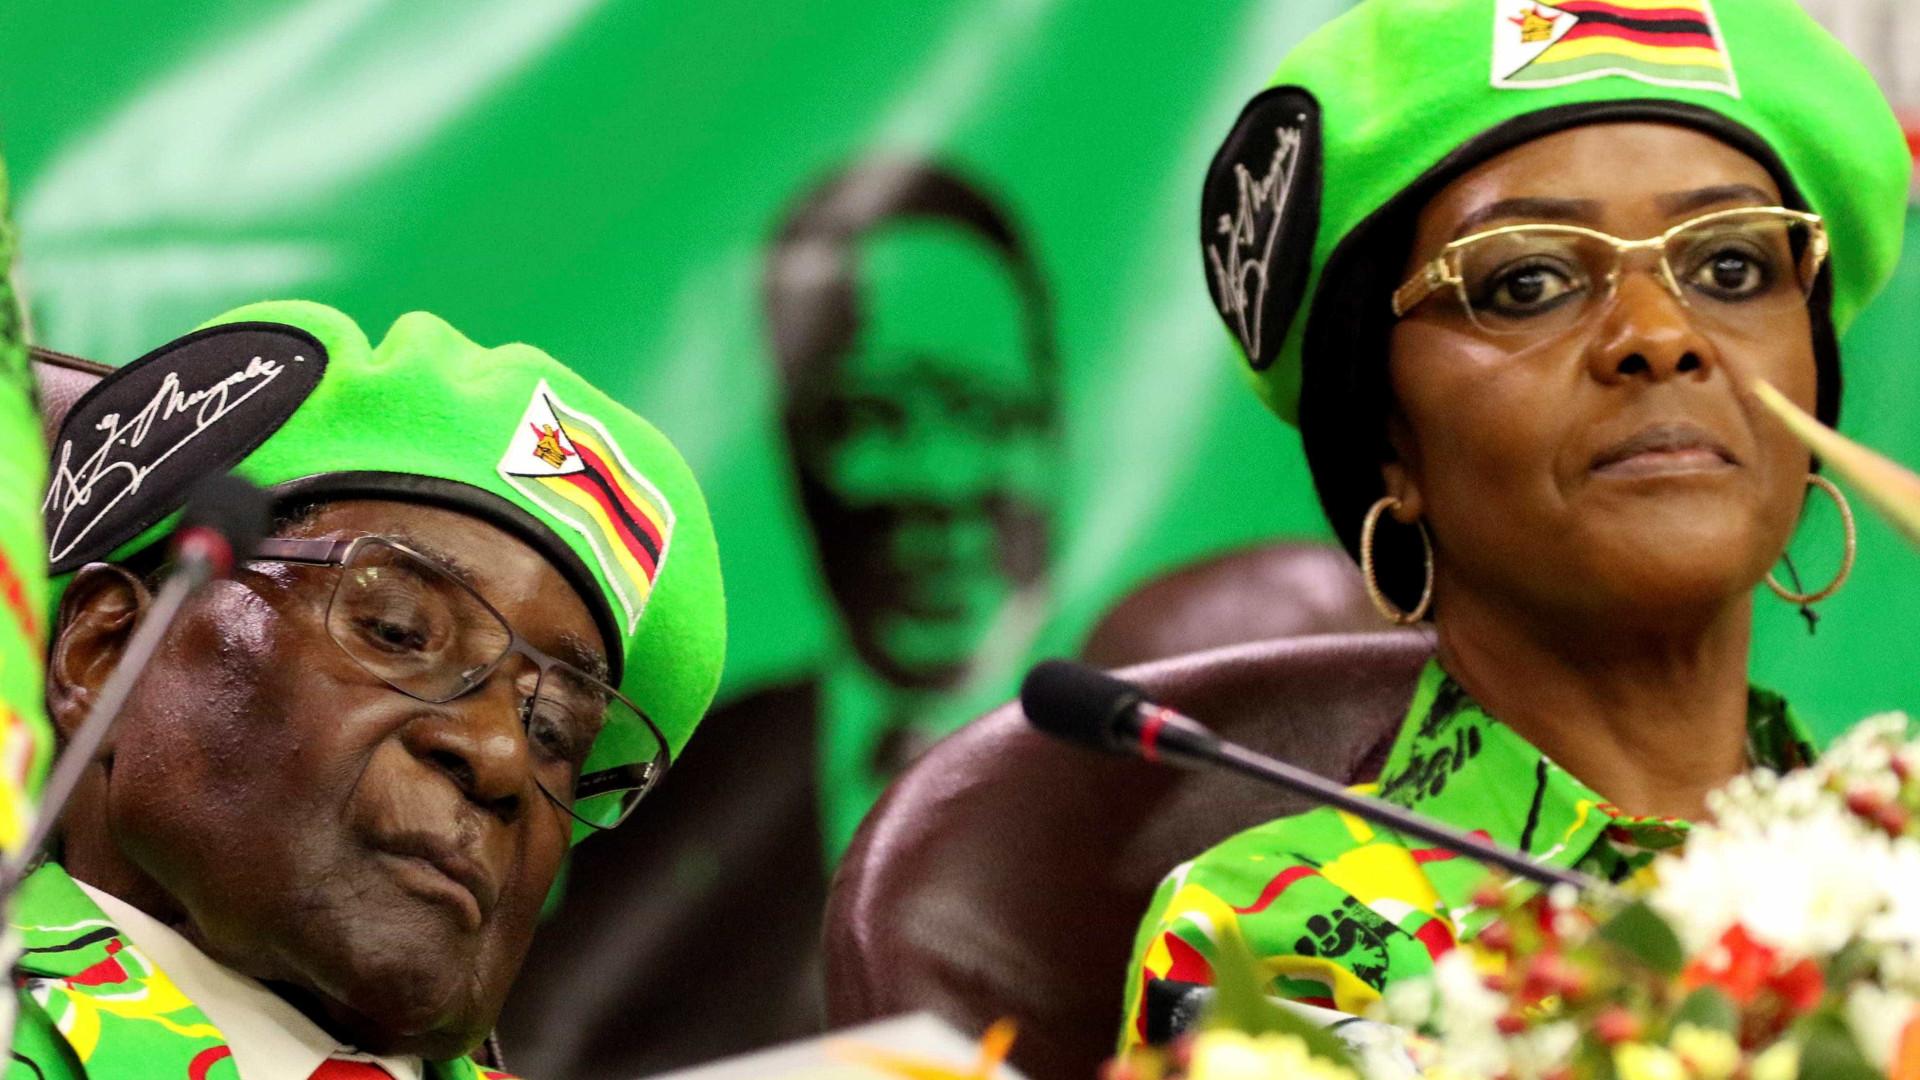 Mulher de Mugabe na justiça devido a anel de 1,35 milhões de dólares